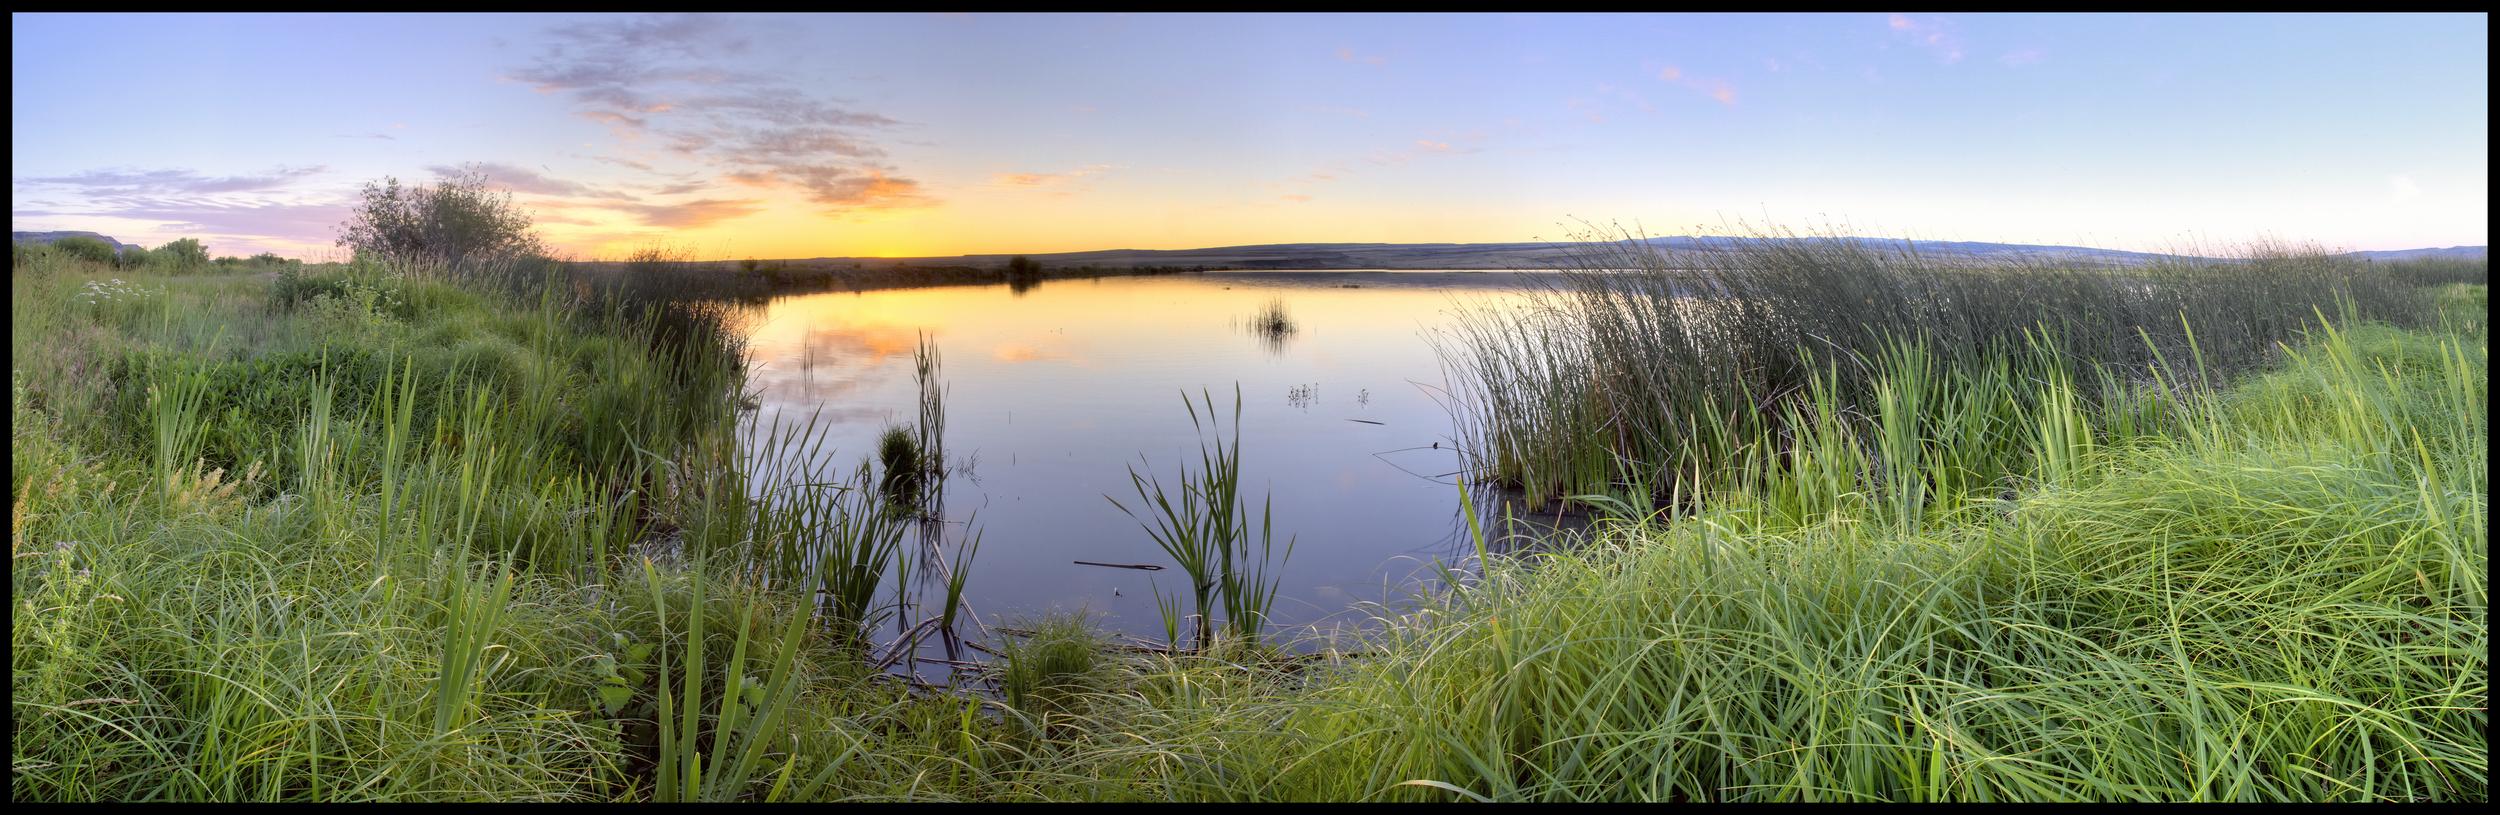 East Canal Pond, Malheur National Wildlife Refuge, OR